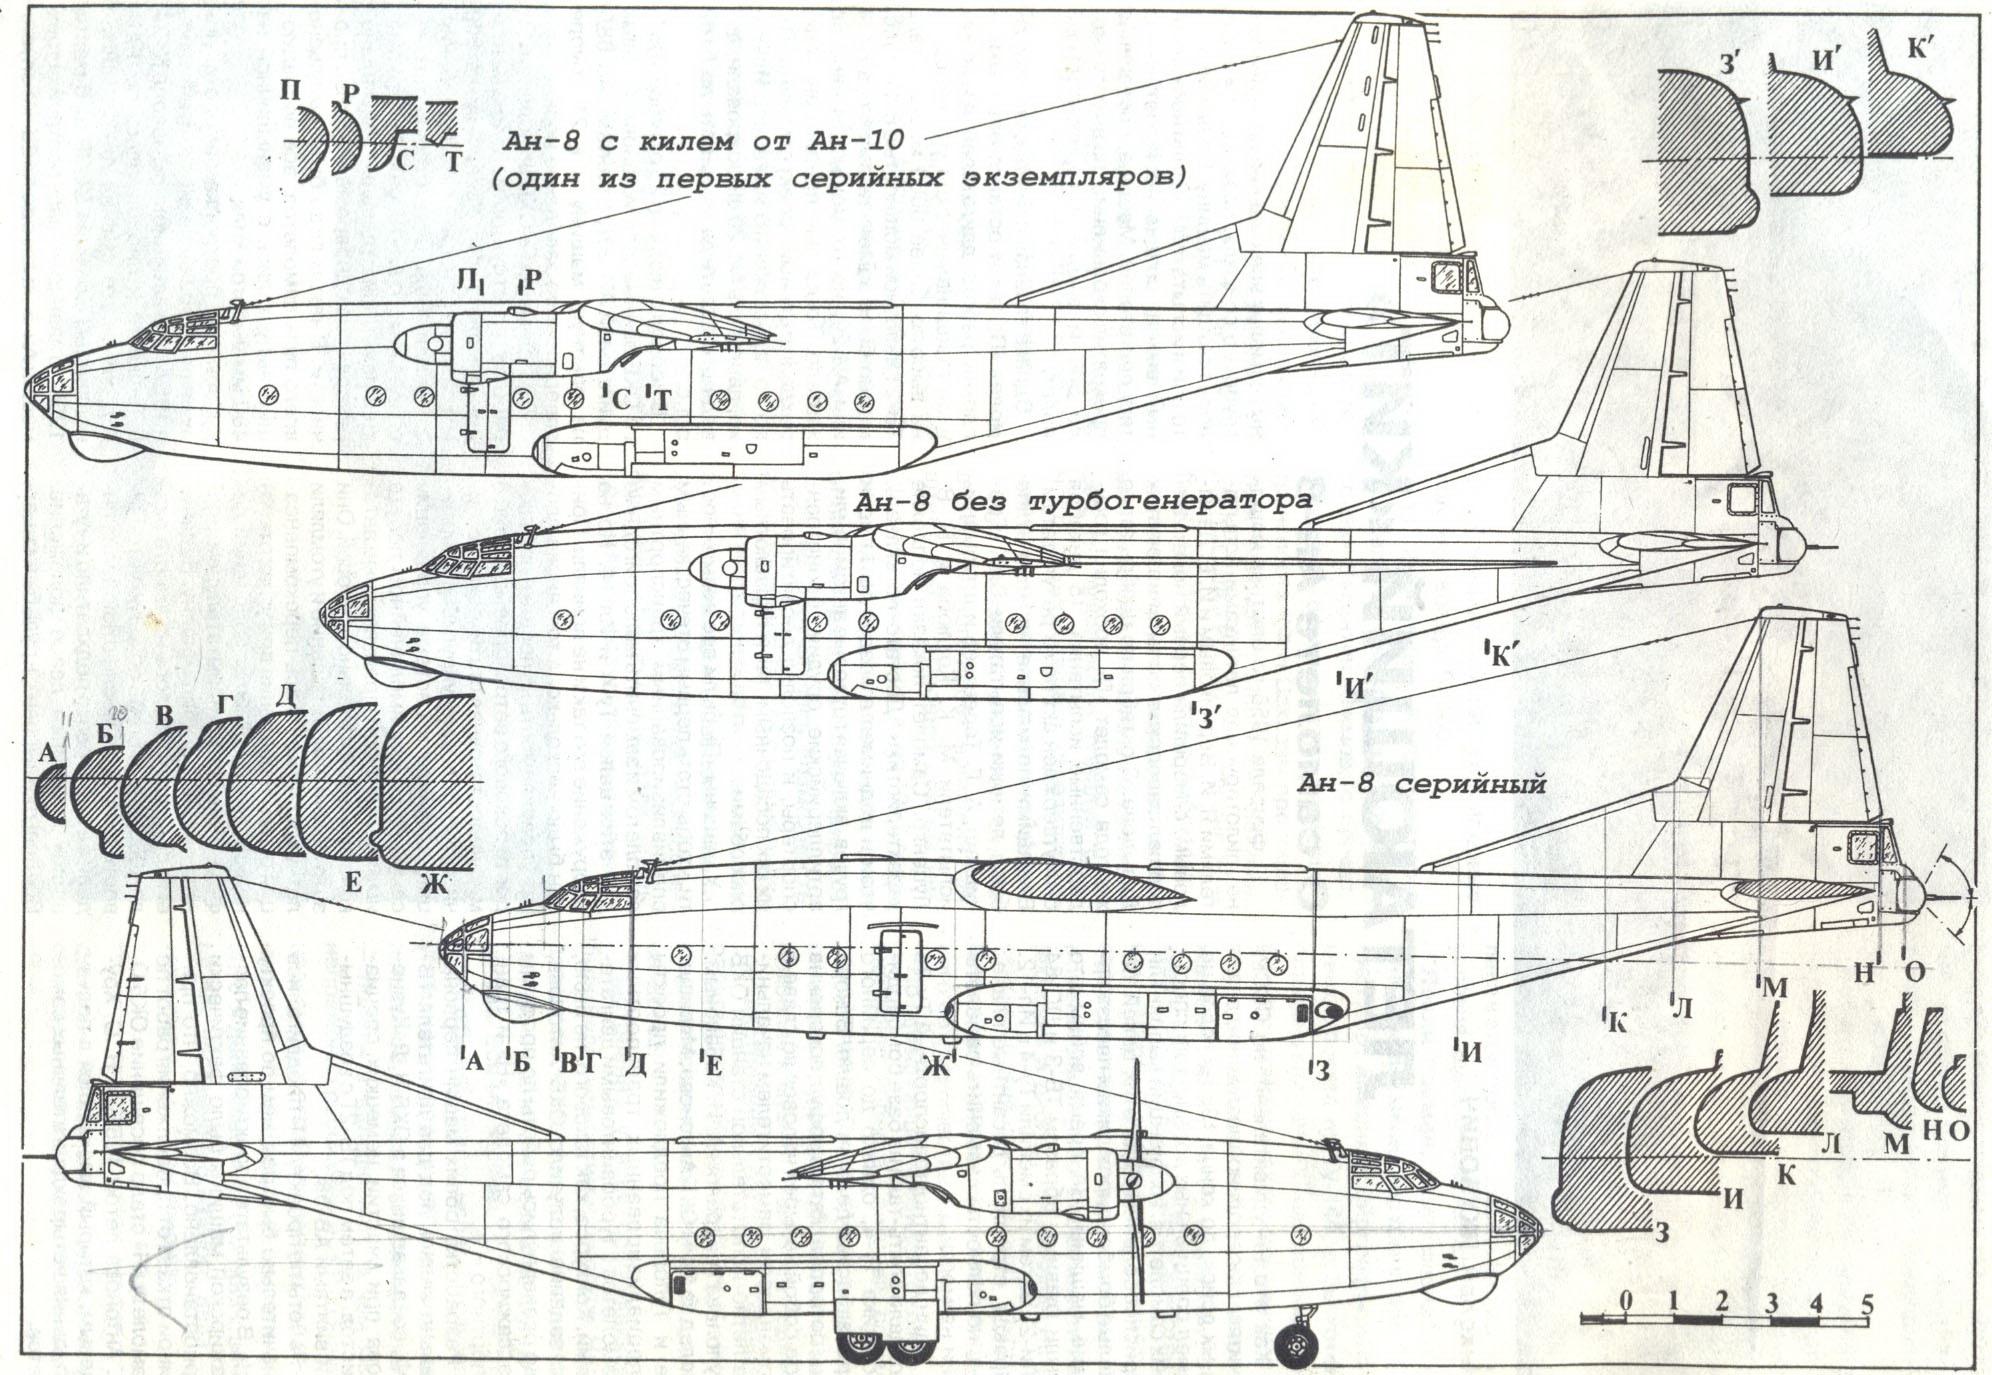 An-8 blueprint